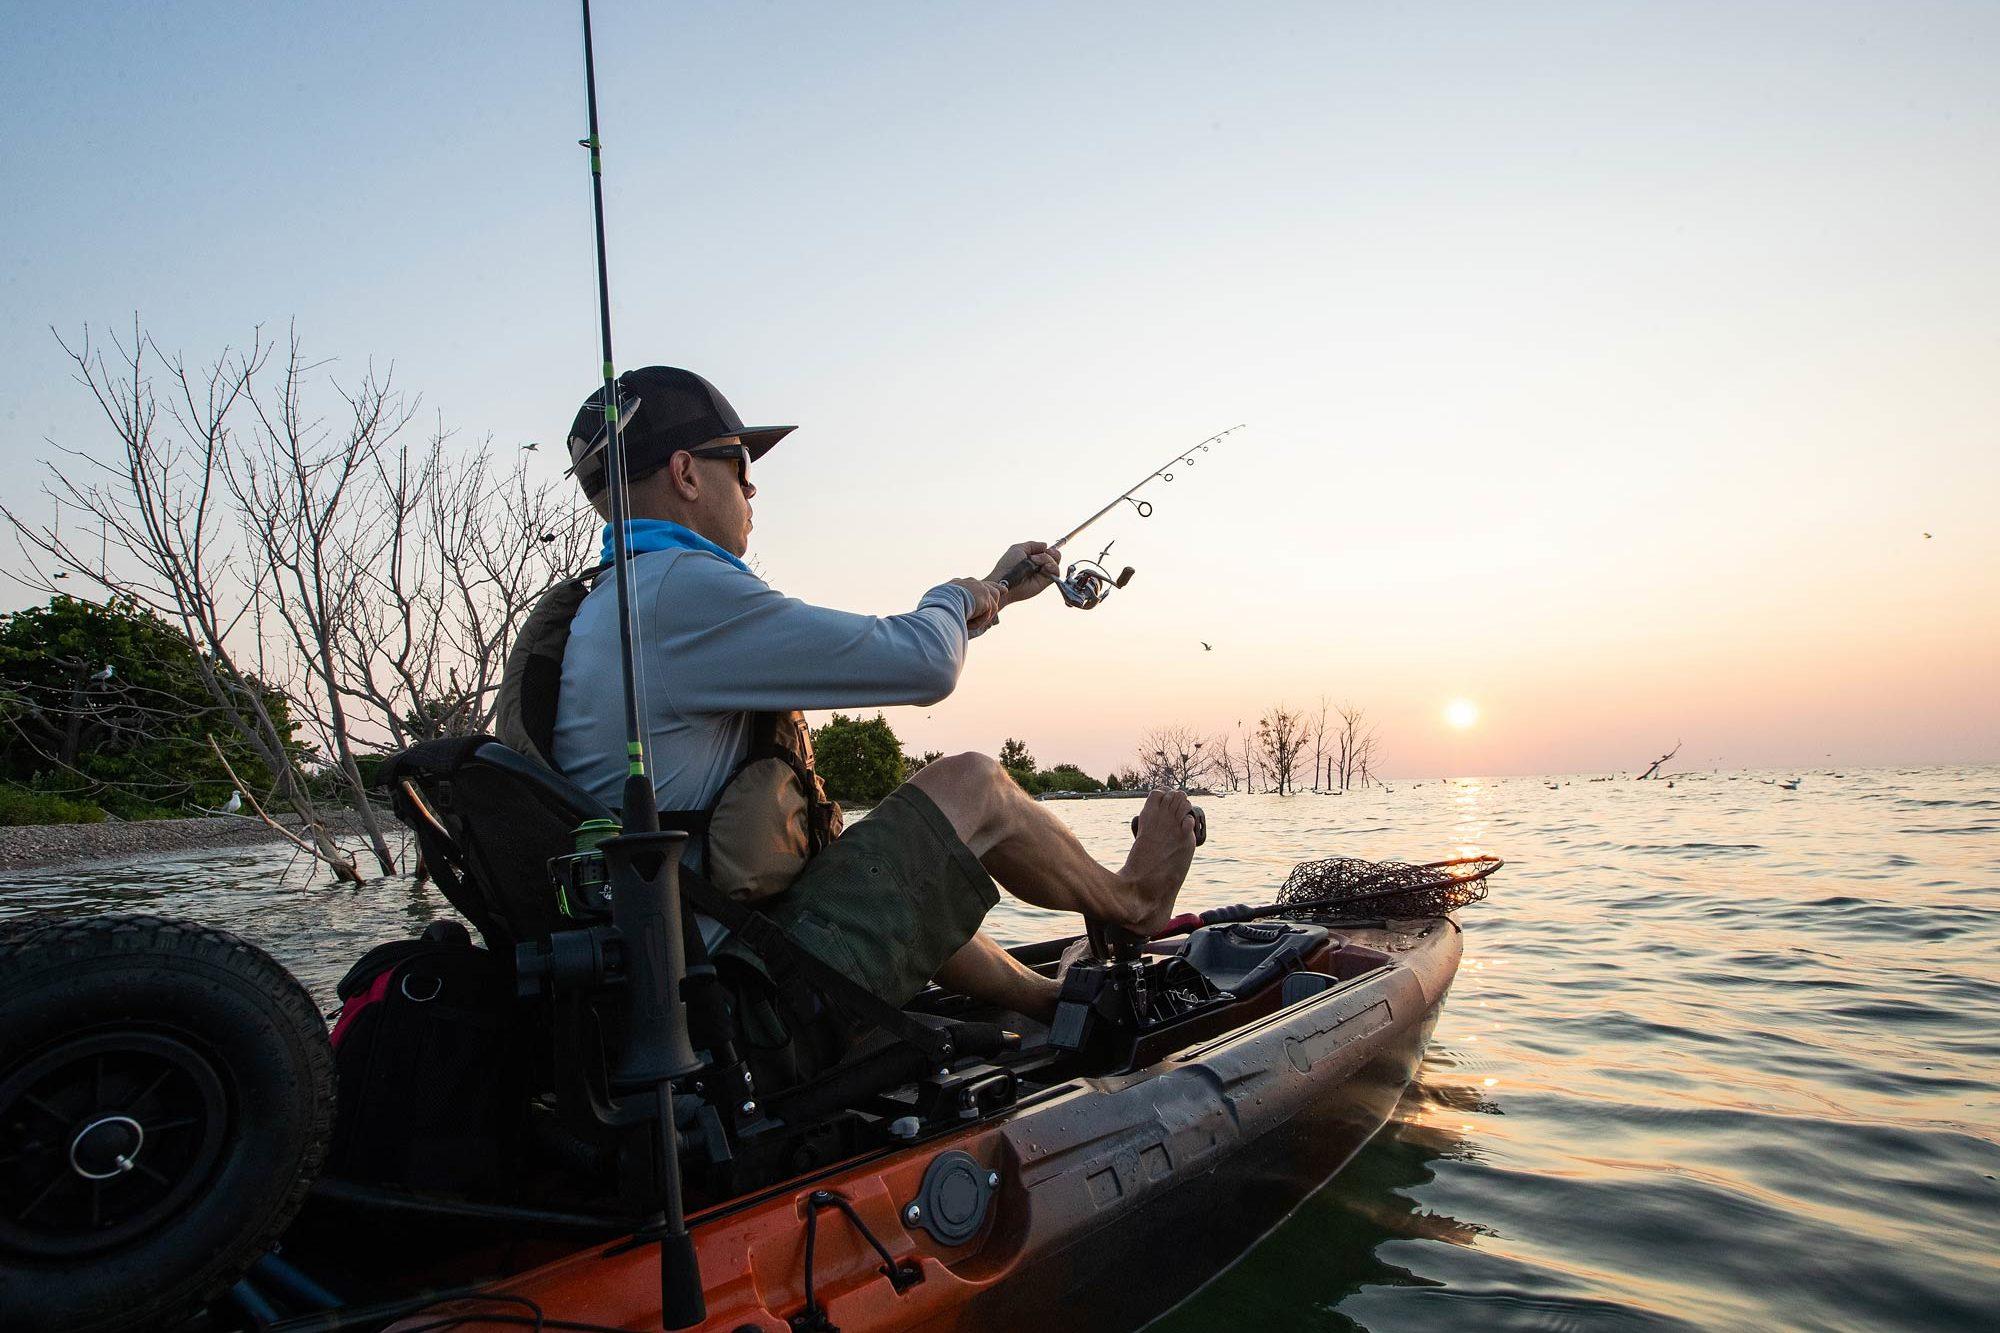 A kayak fisherman fishing from his kayak at sunset